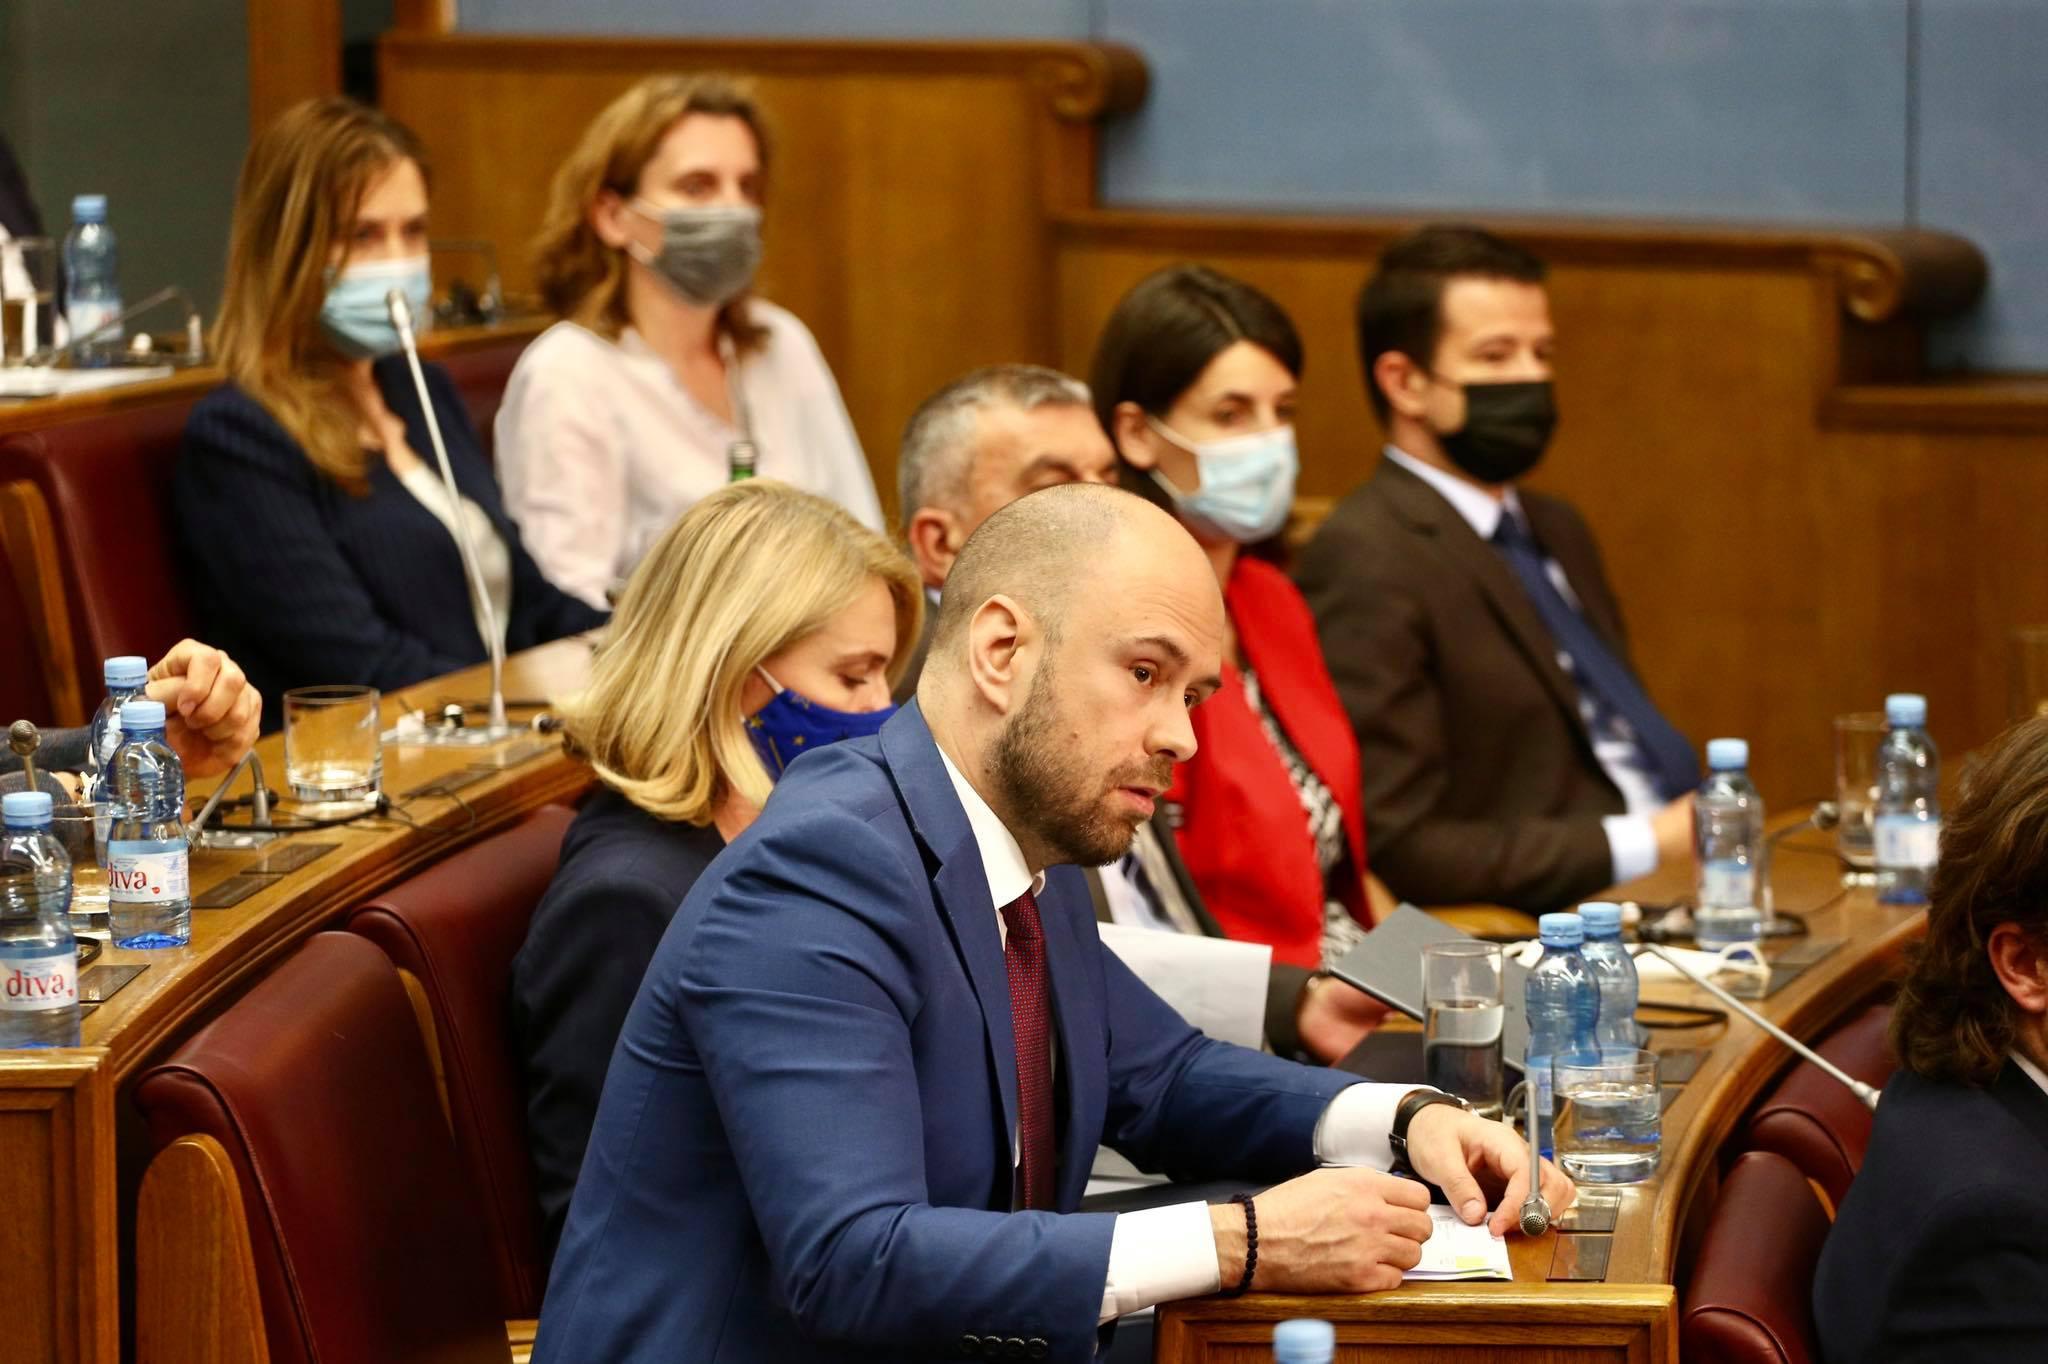 MVP o izjavi Eskobara: Pojedini mediji pogrešno citirali, Crna Gora je kredibilna članica NATO-a